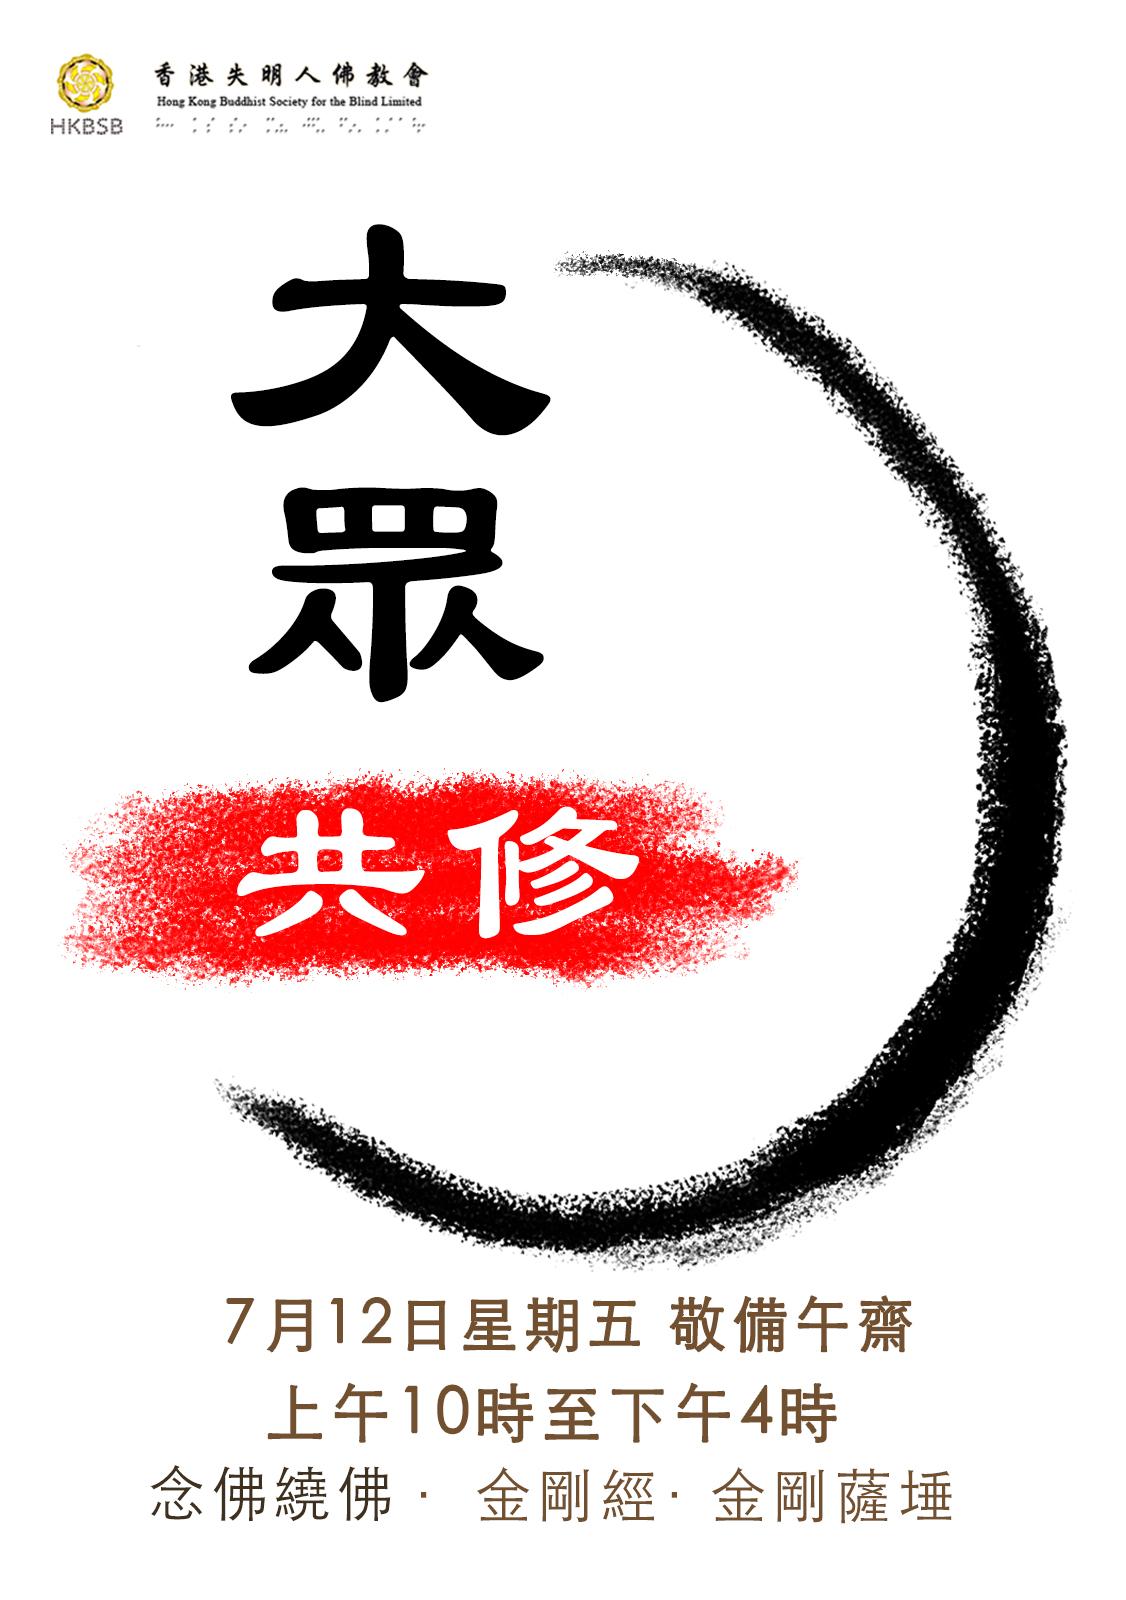 2019-7-12念佛及懺摩有共修法會